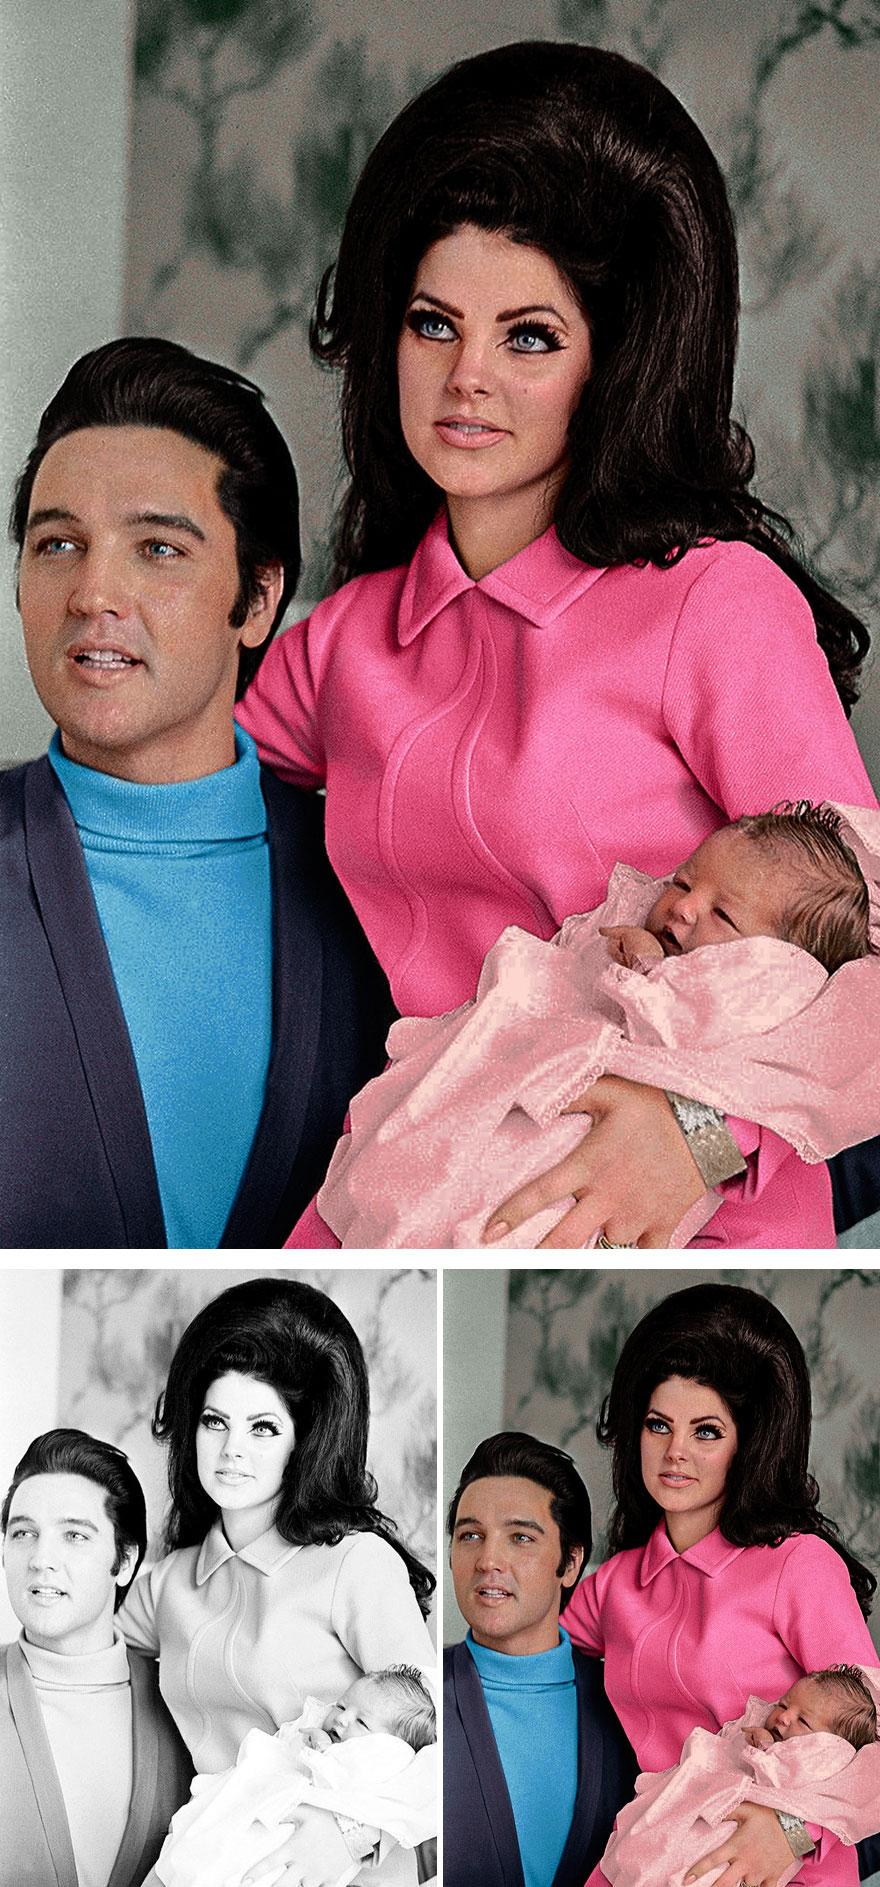 Элвис Пресли с женой Присциллой и дочерью Лизой Марией.